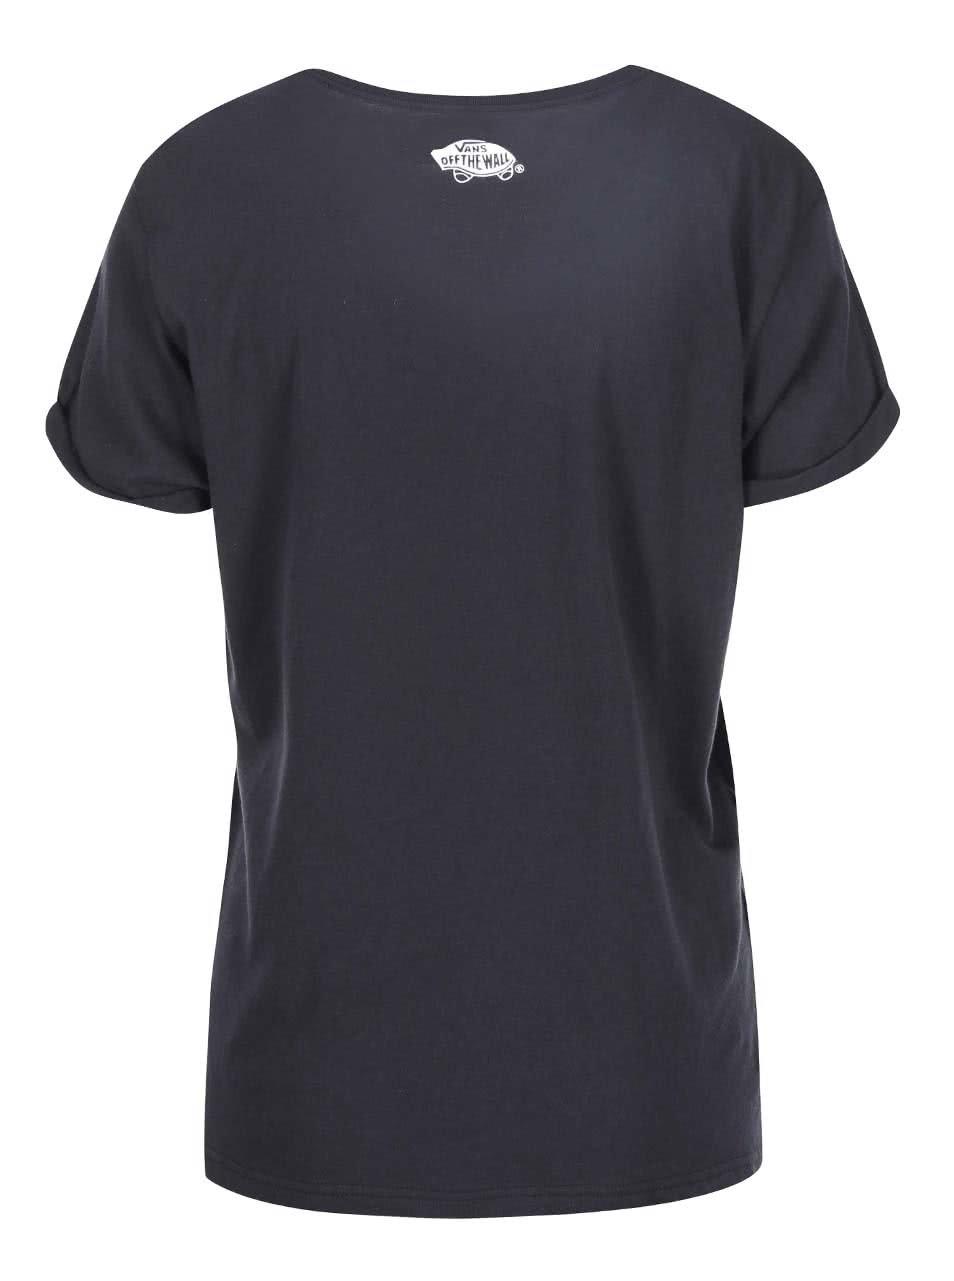 23301b02c Černé dámské tričko s barevnou kapsou Vans | ZOOT.cz